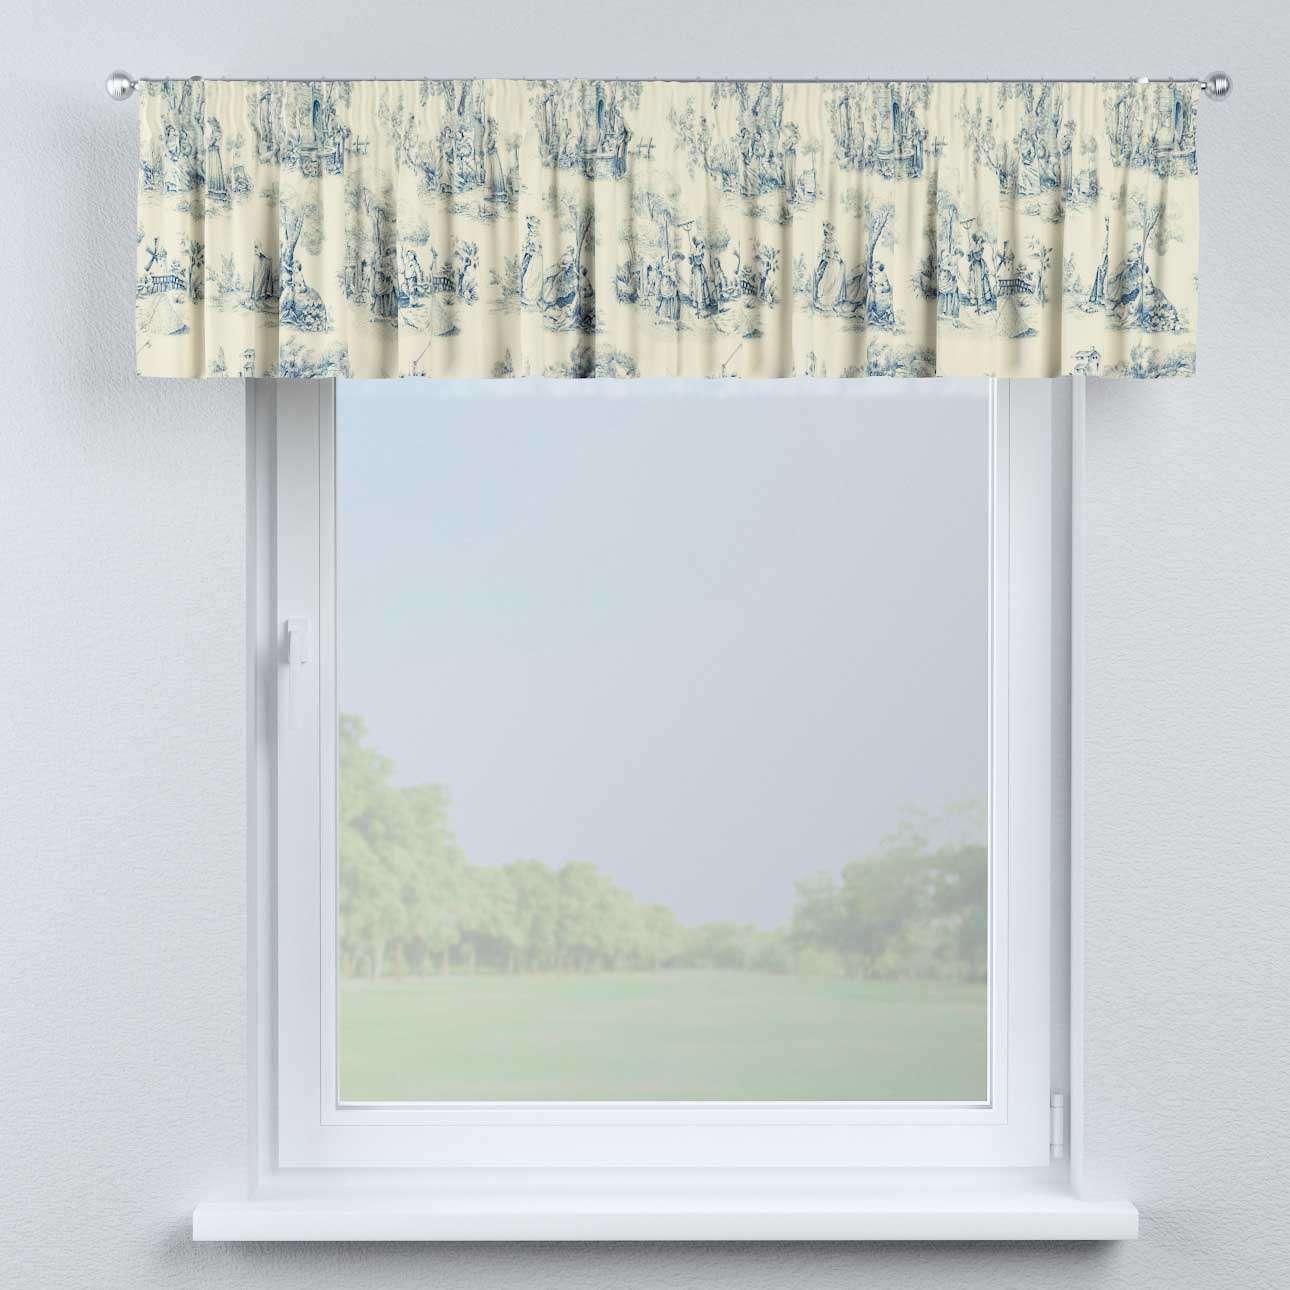 Kurzgardine mit Kräuselband von der Kollektion Avinon, Stoff: 132-66